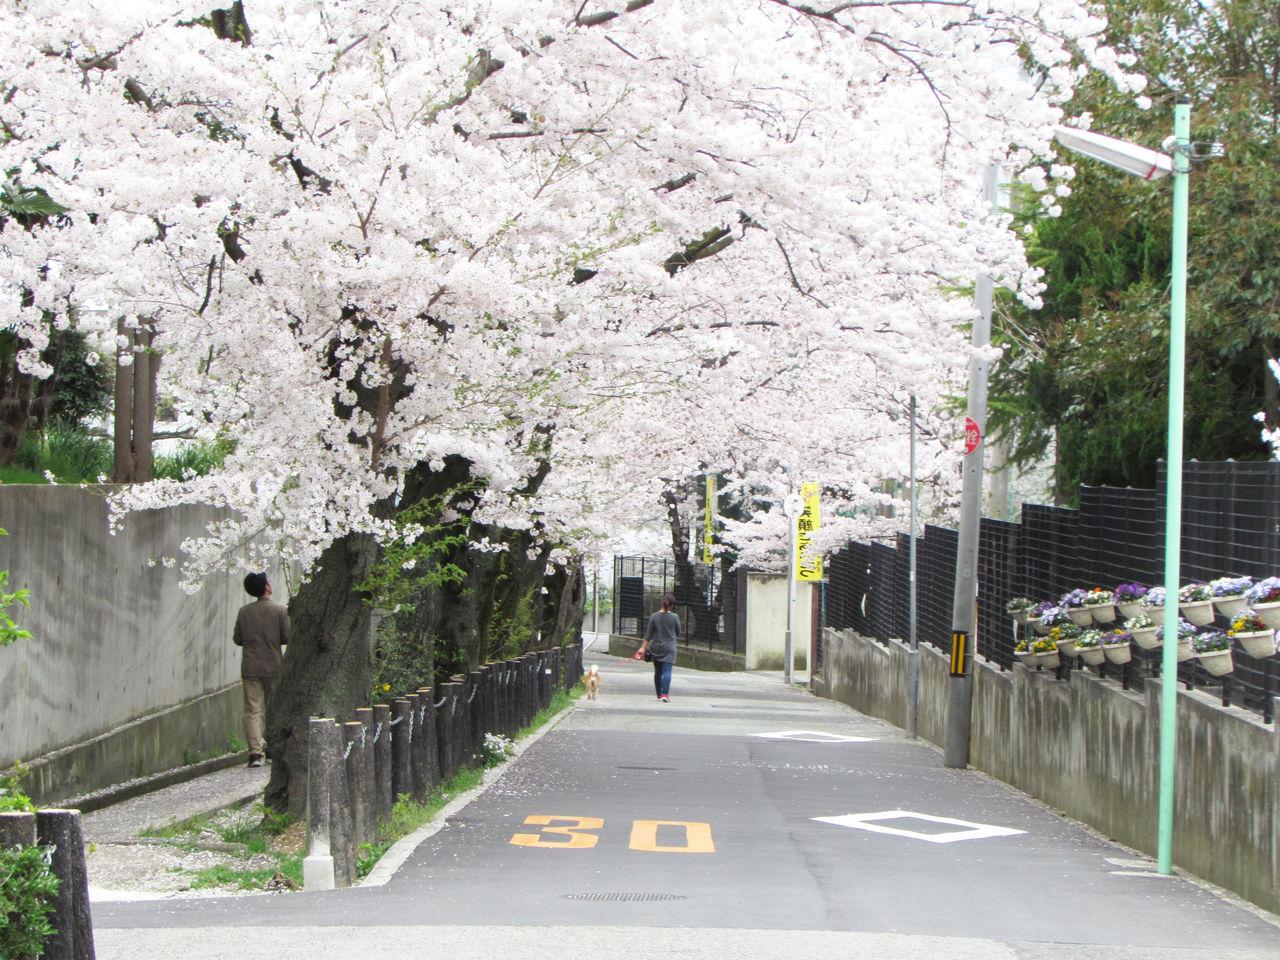 """<!--// ランダムに画像を表示するimg = new Array();// 画像のアドレスimg[0] = """"http://livedoor.blogimg.jp/hokutsu-toyo/imgs/b/f/bfb1d040.jpg"""";img[1] = """"http://livedoor.blogimg.jp/hokutsu-toyo/imgs/3/3/33bcb351.jpg"""";img[2] = """"http://livedoor.blogimg.jp/hokutsu-toyo/imgs/5/f/5f345c00.jpg"""";img[3] = """"http://livedoor.blogimg.jp/hokutsu-toyo/imgs/6/a/6a8d681b.jpg"""";img[4] = """"http://livedoor.blogimg.jp/hokutsu-toyo/imgs/e/4/e4596c95.jpg"""";img[5] = """"http://livedoor.blogimg.jp/hokutsu-toyo/imgs/4/9/49878649.jpg"""";img[6] = """"http://livedoor.blogimg.jp/hokutsu-toyo/imgs/0/a/0ac4c903.jpg"""";img[7] = """"http://livedoor.blogimg.jp/hokutsu-toyo/imgs/e/0/e069be41.jpg"""";img[8] = """"http://livedoor.blogimg.jp/hokutsu-toyo/imgs/4/3/433e4403.jpg"""";img[9] = """"http://livedoor.blogimg.jp/hokutsu-toyo/imgs/4/4/441b86c7.jpg"""";img[10] = """"http://livedoor.blogimg.jp/hokutsu-toyo/imgs/1/8/18fbe407.jpg"""";img[11] = """"http://livedoor.blogimg.jp/hokutsu-toyo/imgs/8/7/87a5912e.jpg"""";n = Math.floor(Math.random()*img.length);document.write(""""<a href='http://www.toyo-2.jp/'>"""");document.write("""" <img src='""""+img[n]+""""' border='0'>"""");document.write(""""</a>"""");//-->             ▶豊中報道。2とは          ▶豊中の話題      ▶開店・閉店      ▶グルメ             ▶景観・まちなみ      ▶ストアツアー      ▶市民            ▶トヨペディア      ▶イベント      ▶珍百景            ▶謎を追え!      ▶周辺市の話題      ▶お知らせ"""